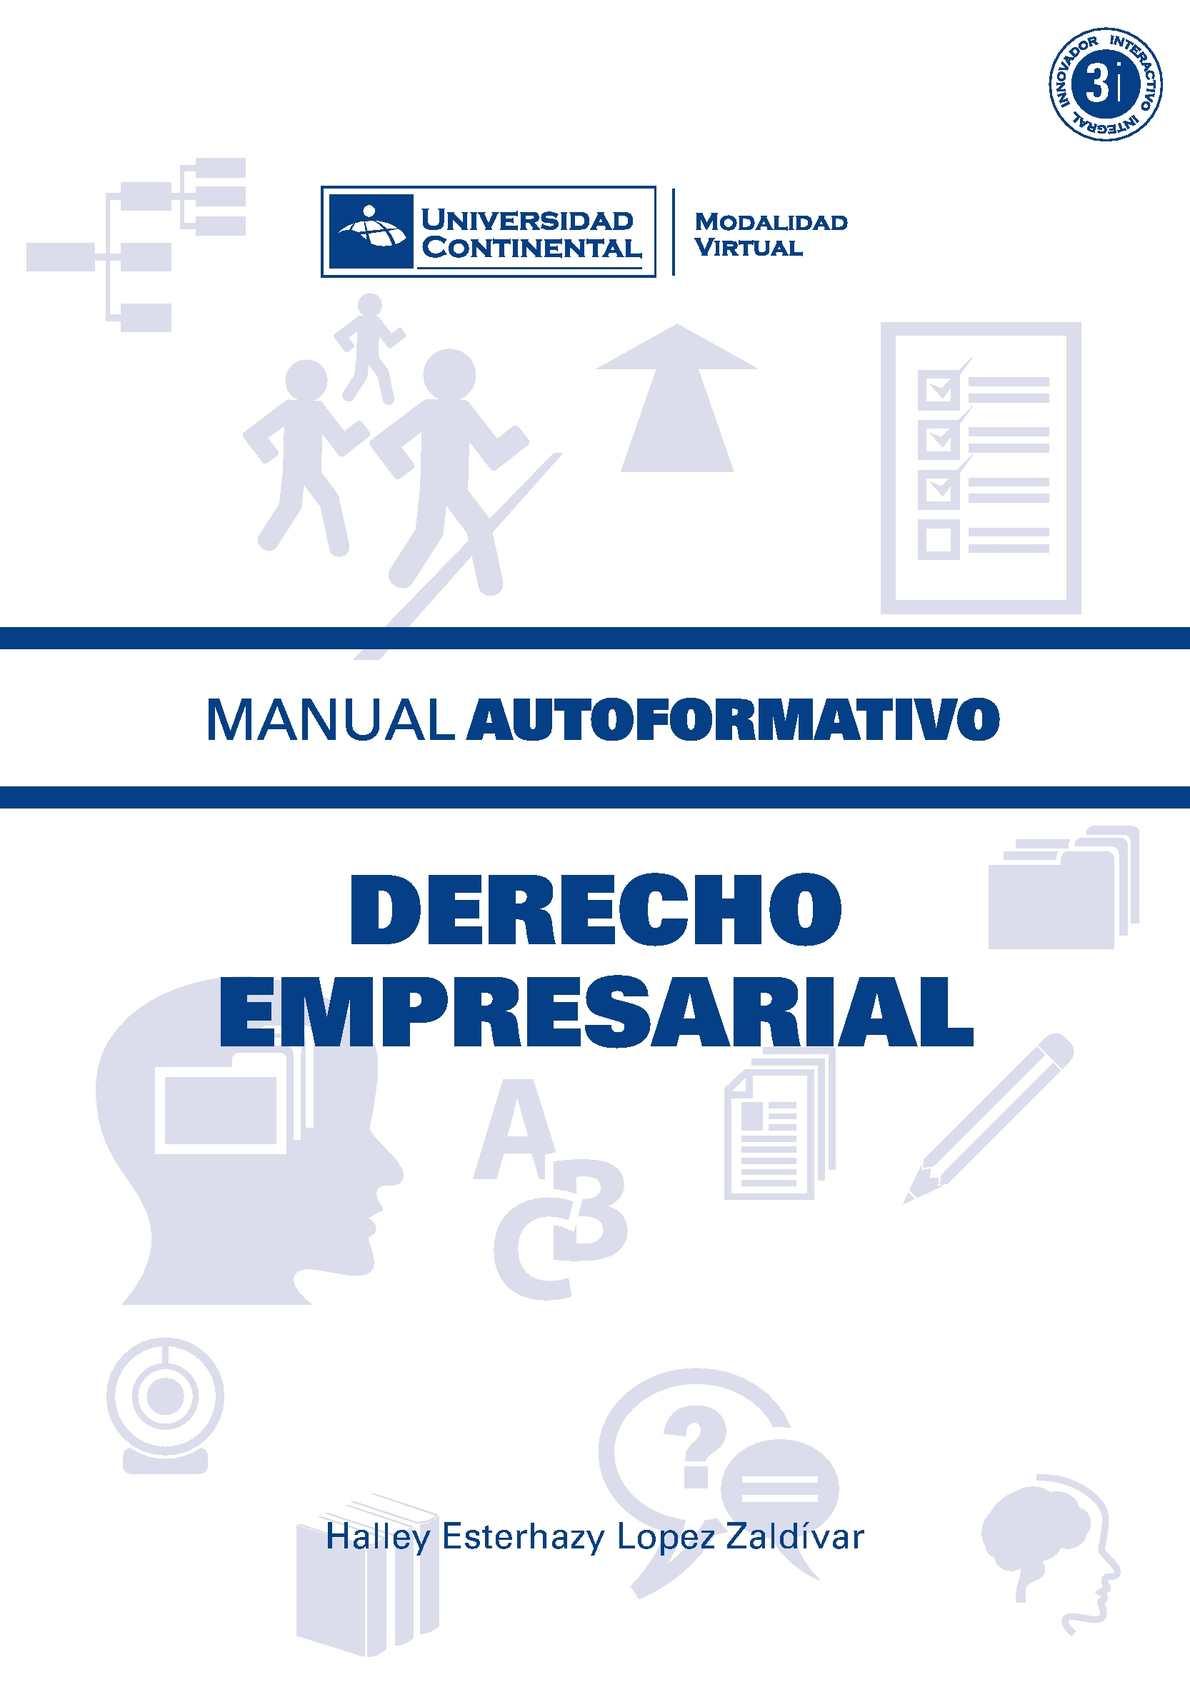 A0114 MA Derecho Empresarial ED1 V1 2013